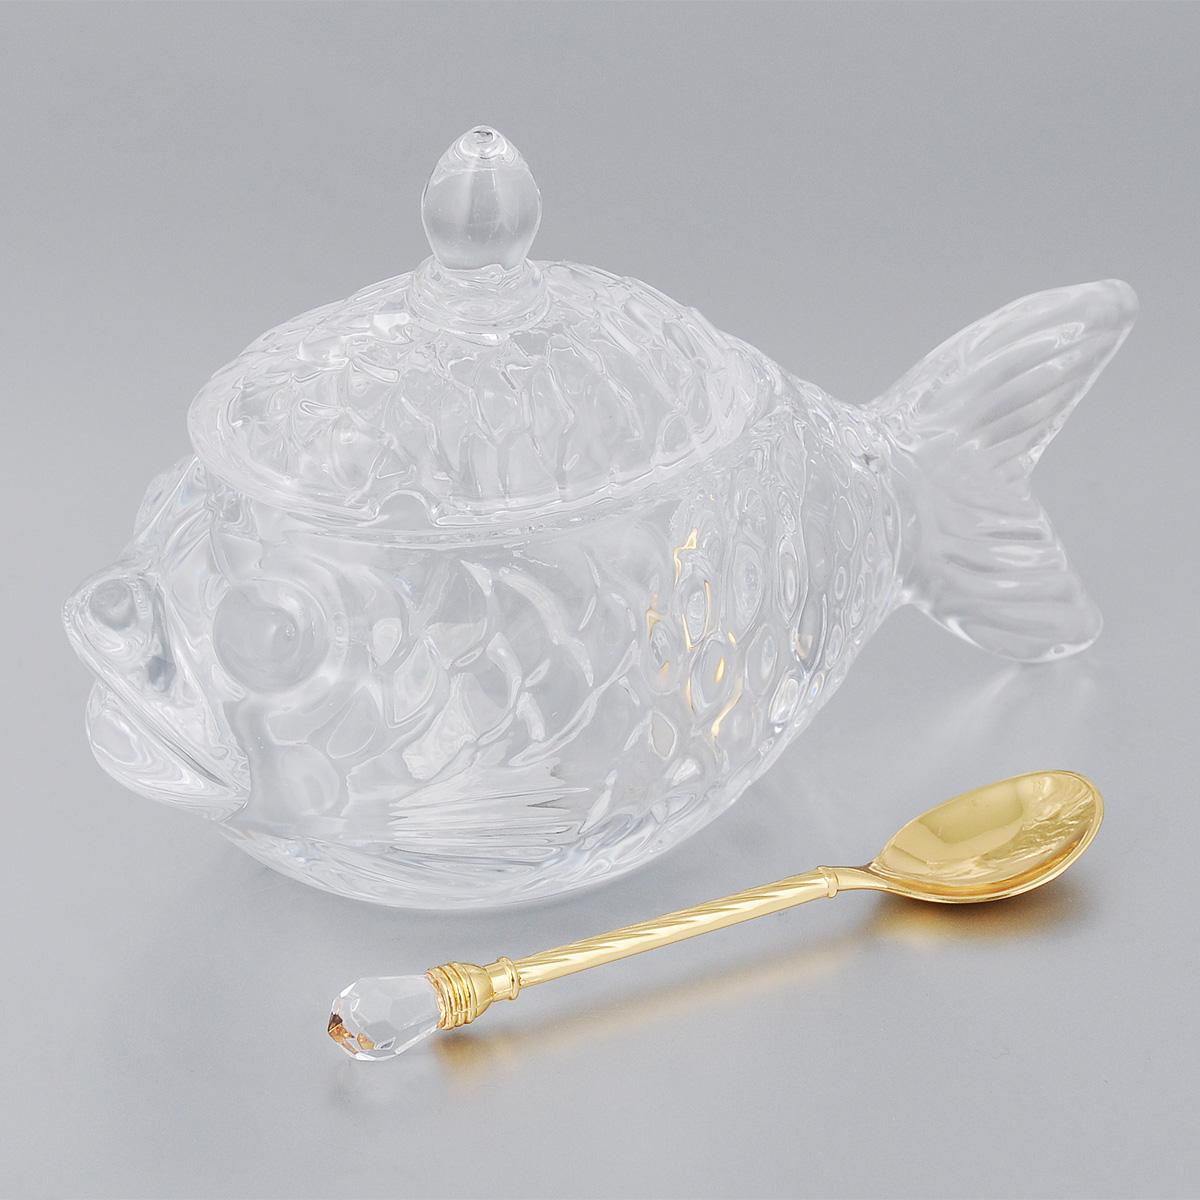 Икорница Elan Gallery Рыбка, с ложкой, 150 мл890038Икорница Elan Gallery Рыбка изготовлена из высококачественного стекла в форме рыбки. Изделие оснащено крышкой и специально предназначено для сервировки икры. Оригинальное блюдо станет изысканным украшением вашего праздничного стола. В комплект входит ложка. Не рекомендуется применять абразивные моющие средства. Не использовать в микроволновой печи. Размер икорницы (по верхнему краю): 7,5 х 5,5 см. Высота икорницы (без учета крышки): 6,2 см. Длина ложечки: 11 см.